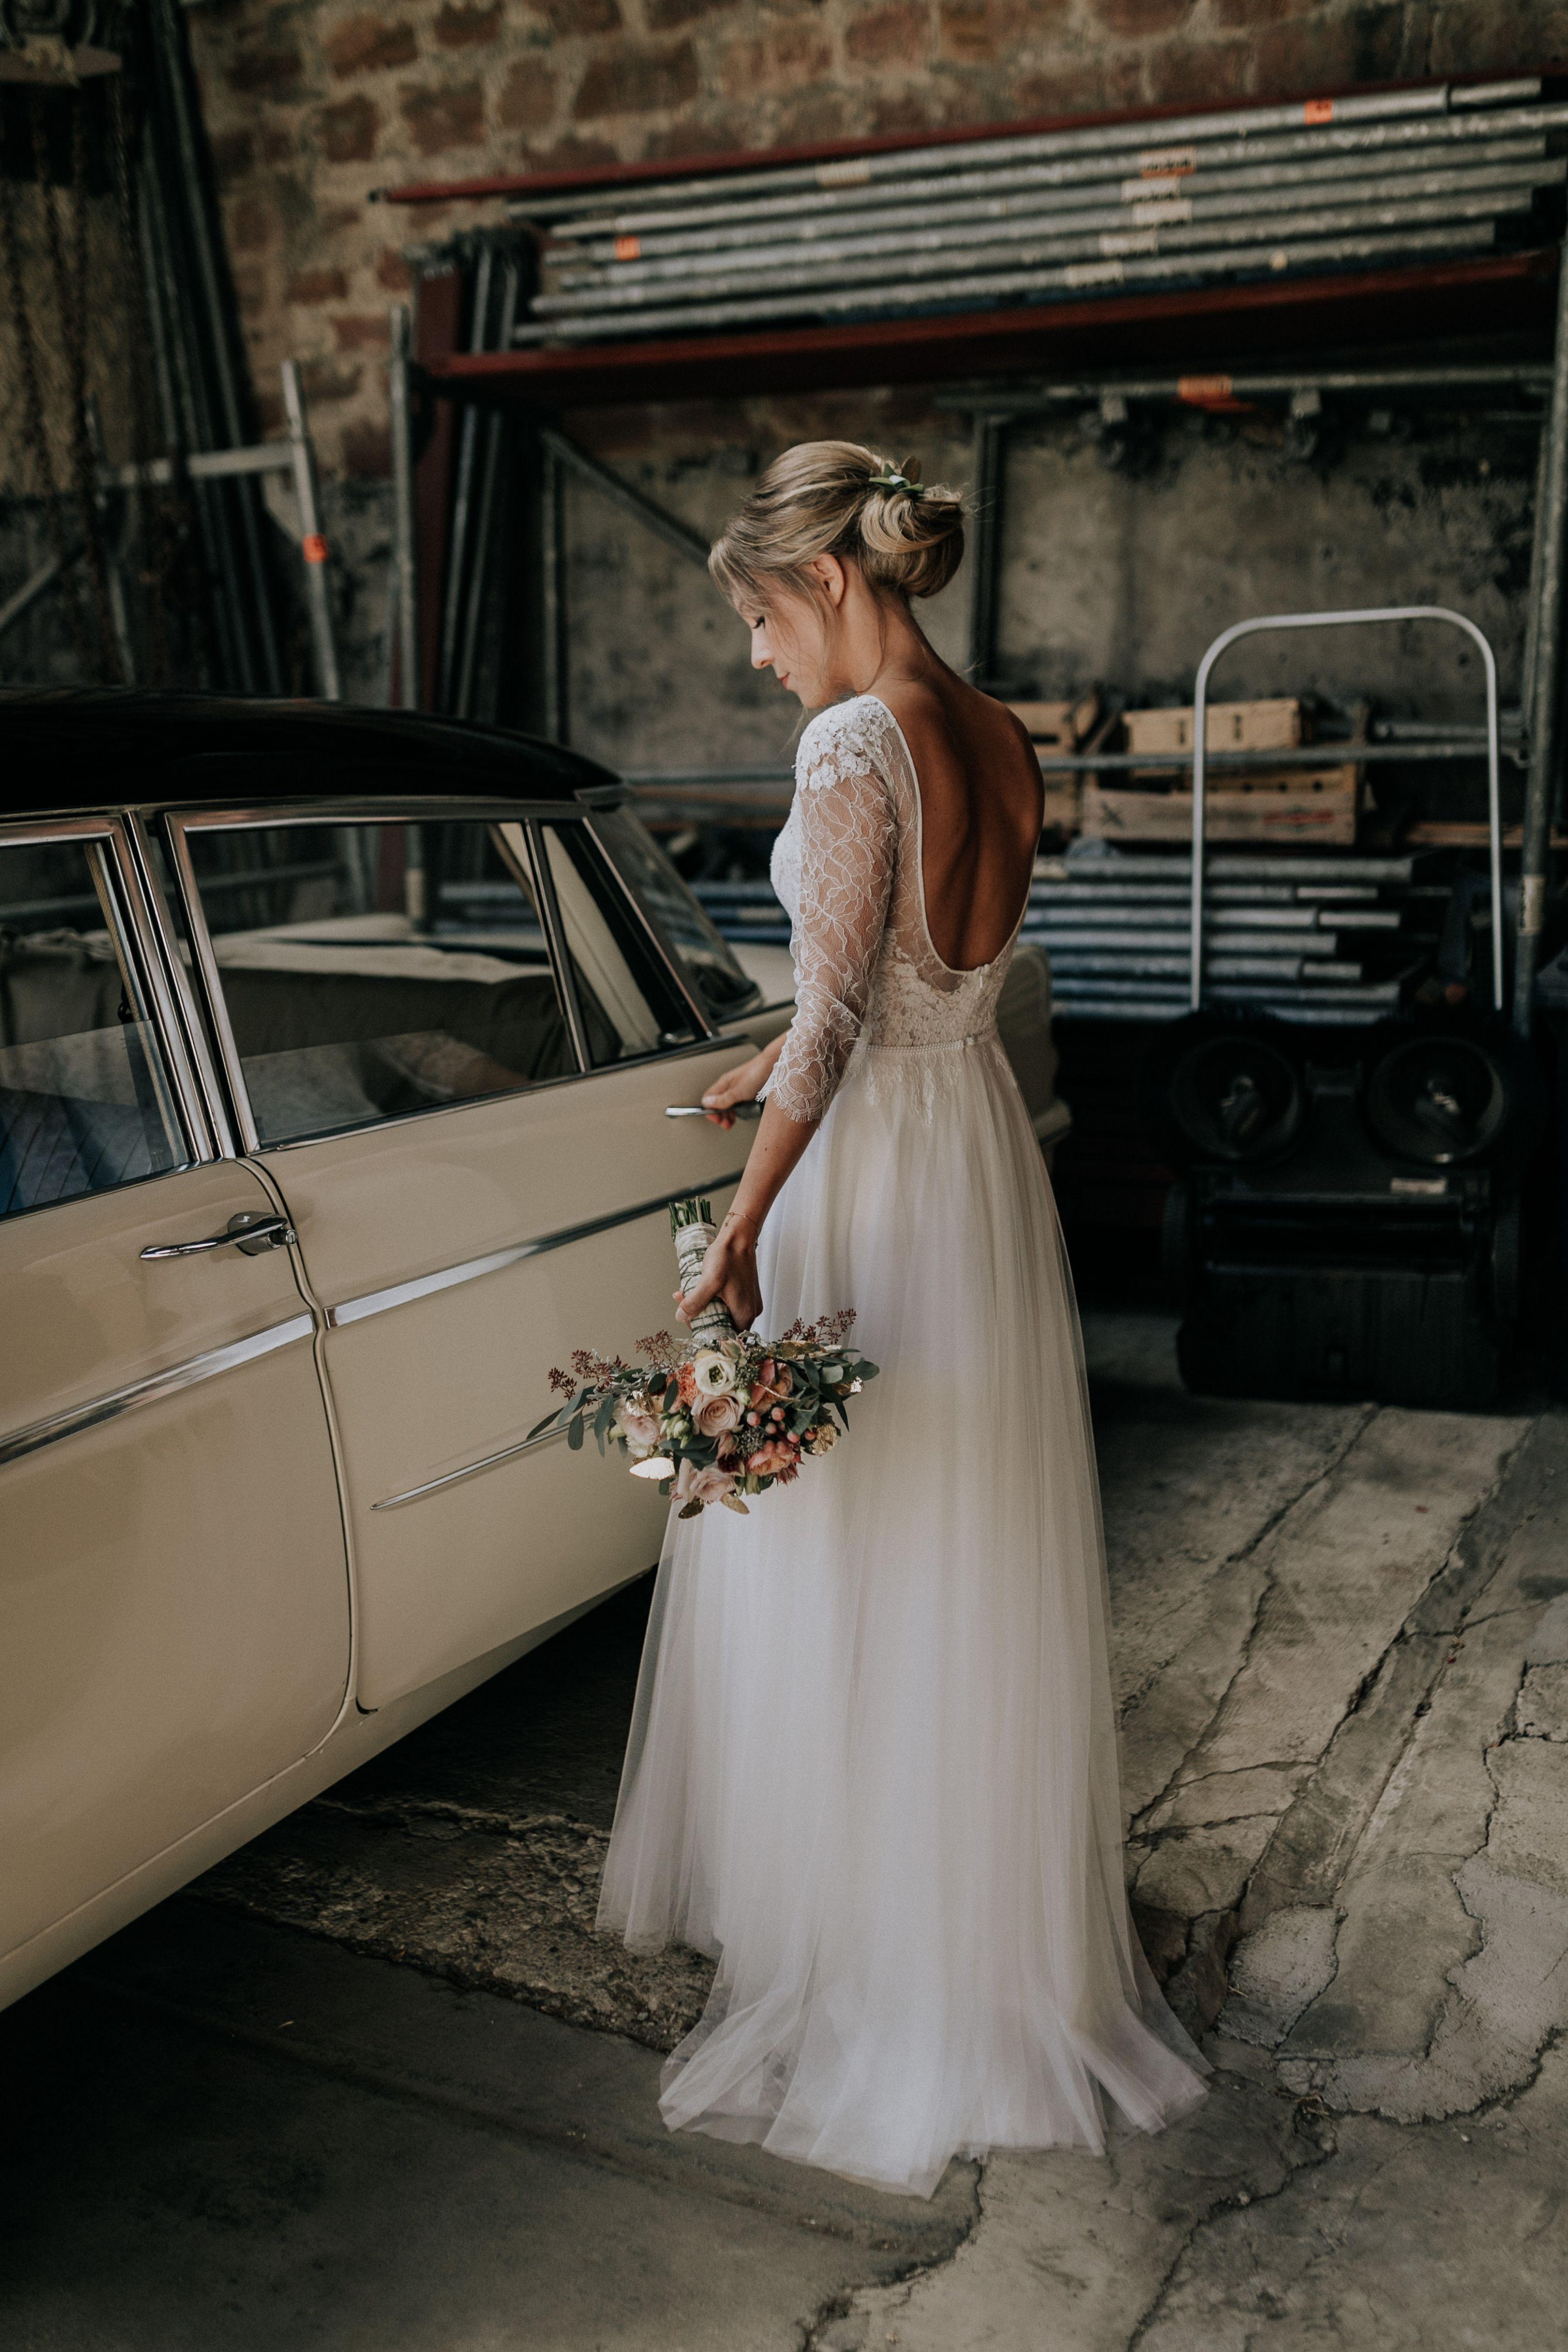 Brautkleid Anprobe Die Sache Mit Dem Traumkleid Kleider